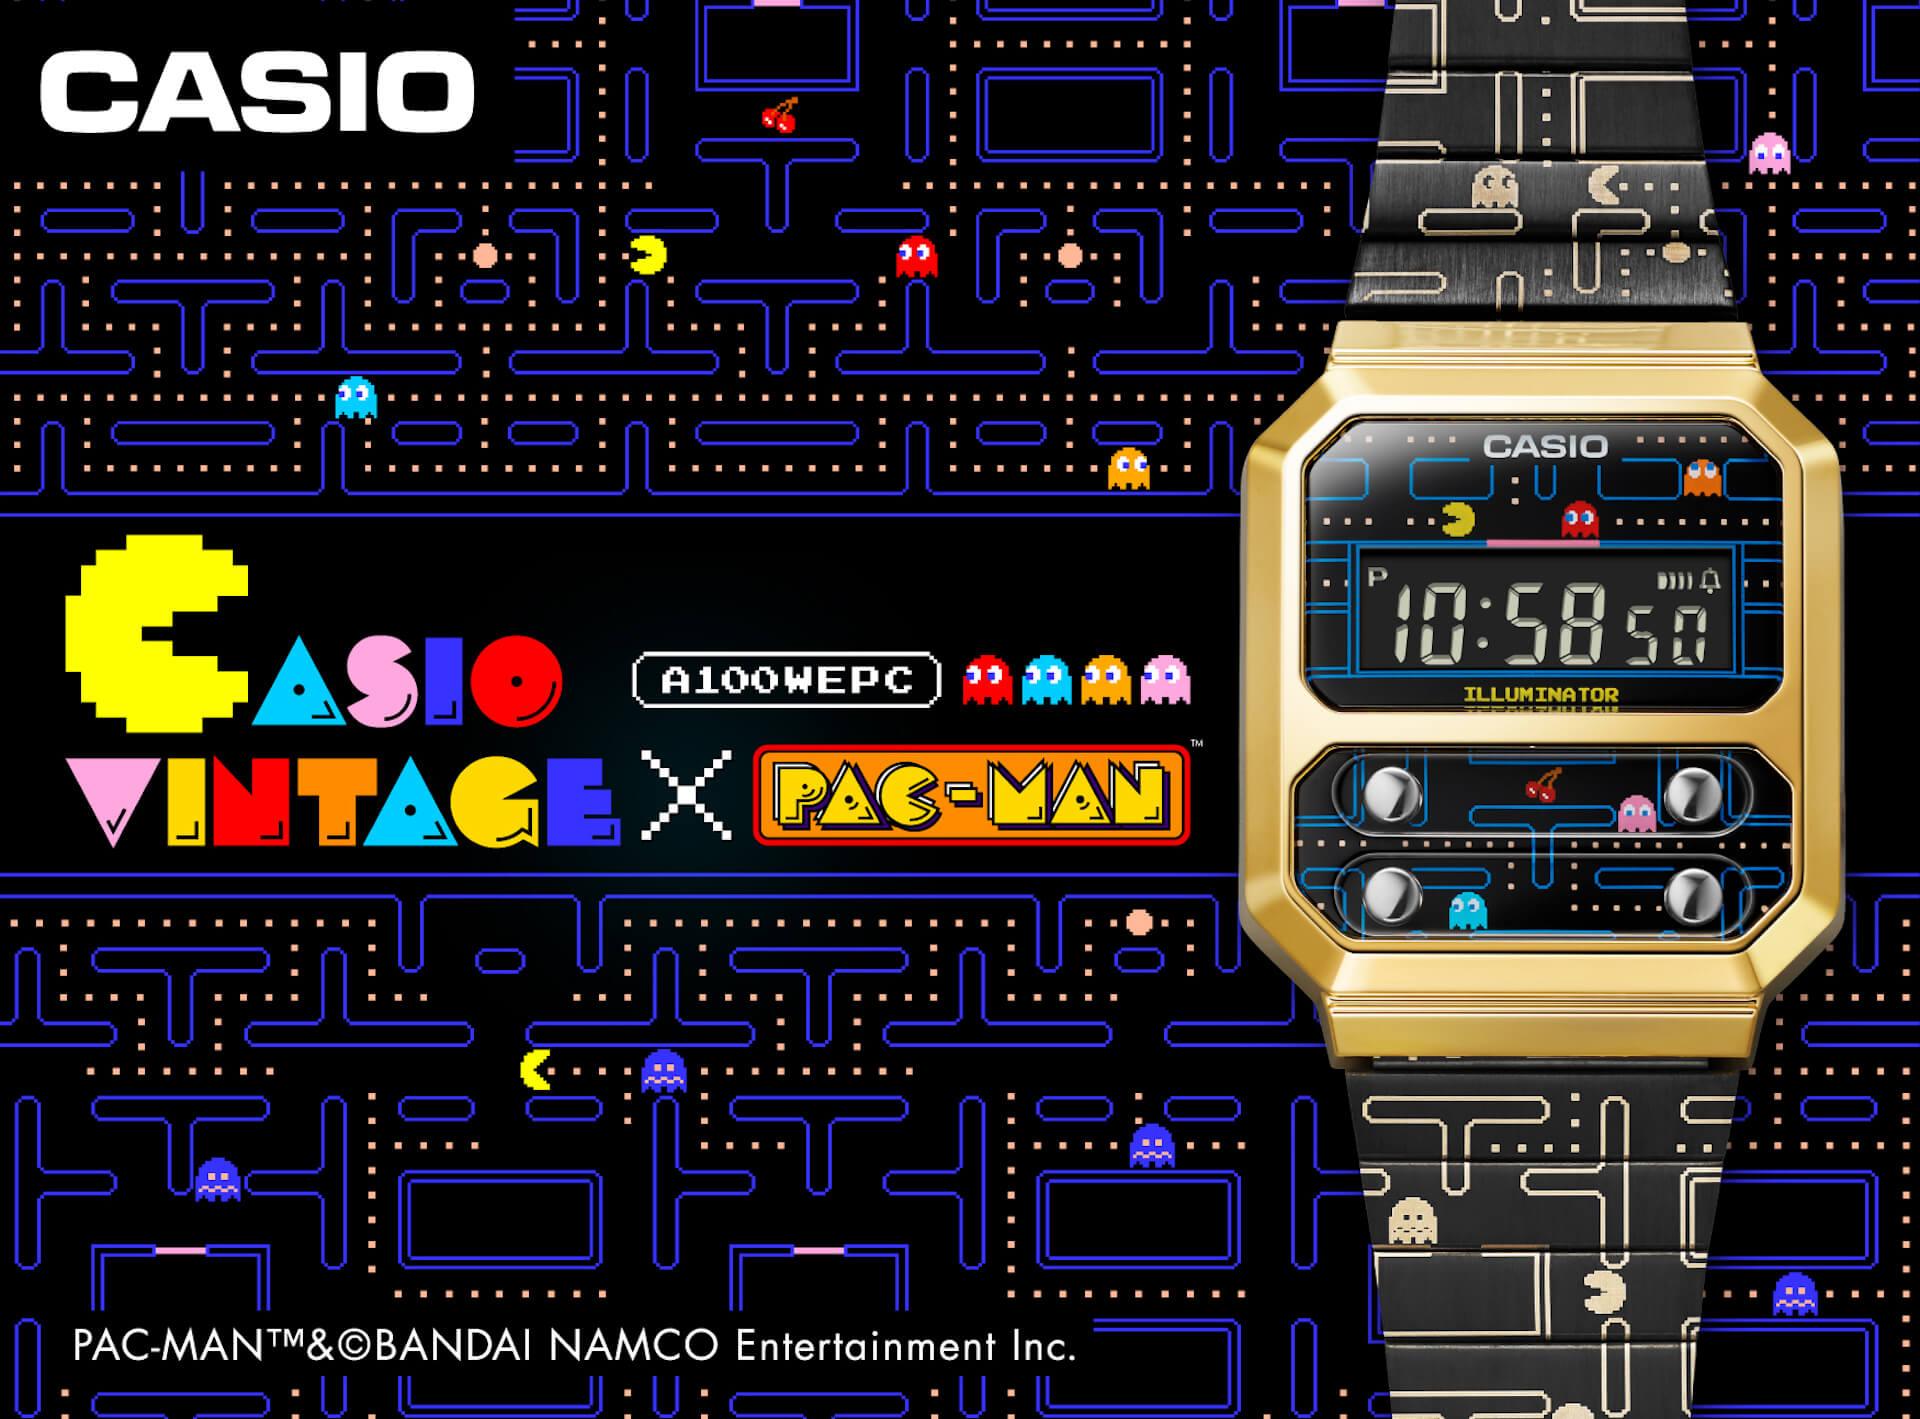 カシオと『パックマン』のコラボデジタルウオッチ『A100WEPC』が発売決定!「F-100」がベースのエクスクルーシブモデル tech210720_casio_pacman_5